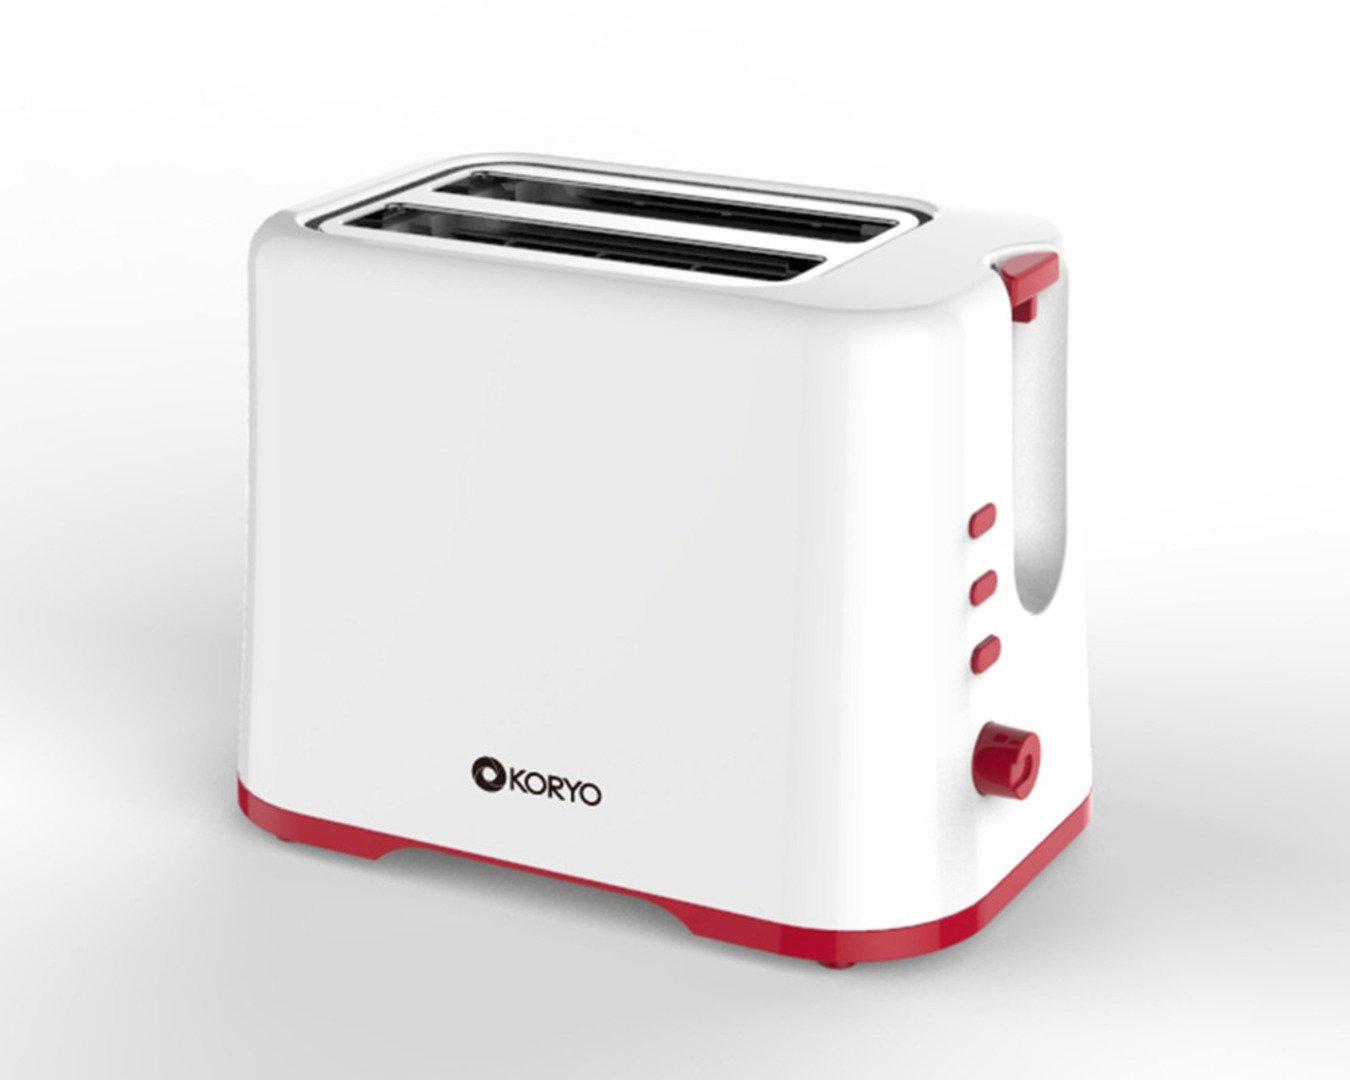 Koryo Pop-up Toaster RKPT925R - Red - 750 watt